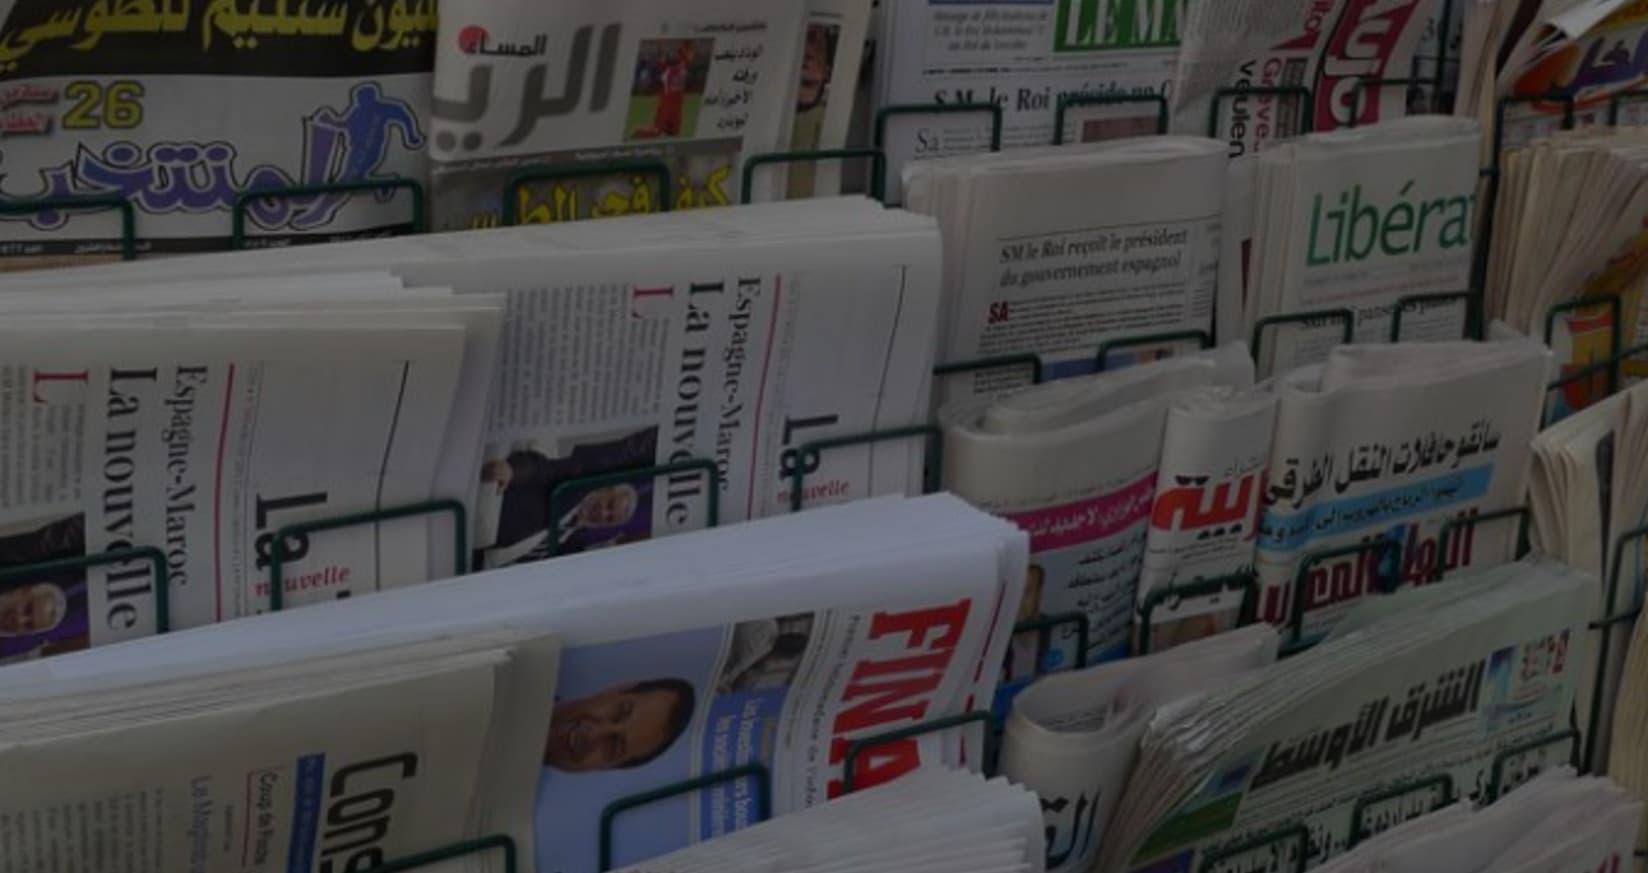 دراسة منصات حول المغاربة وكوفيد 19: تغطية إعلامية واسعة